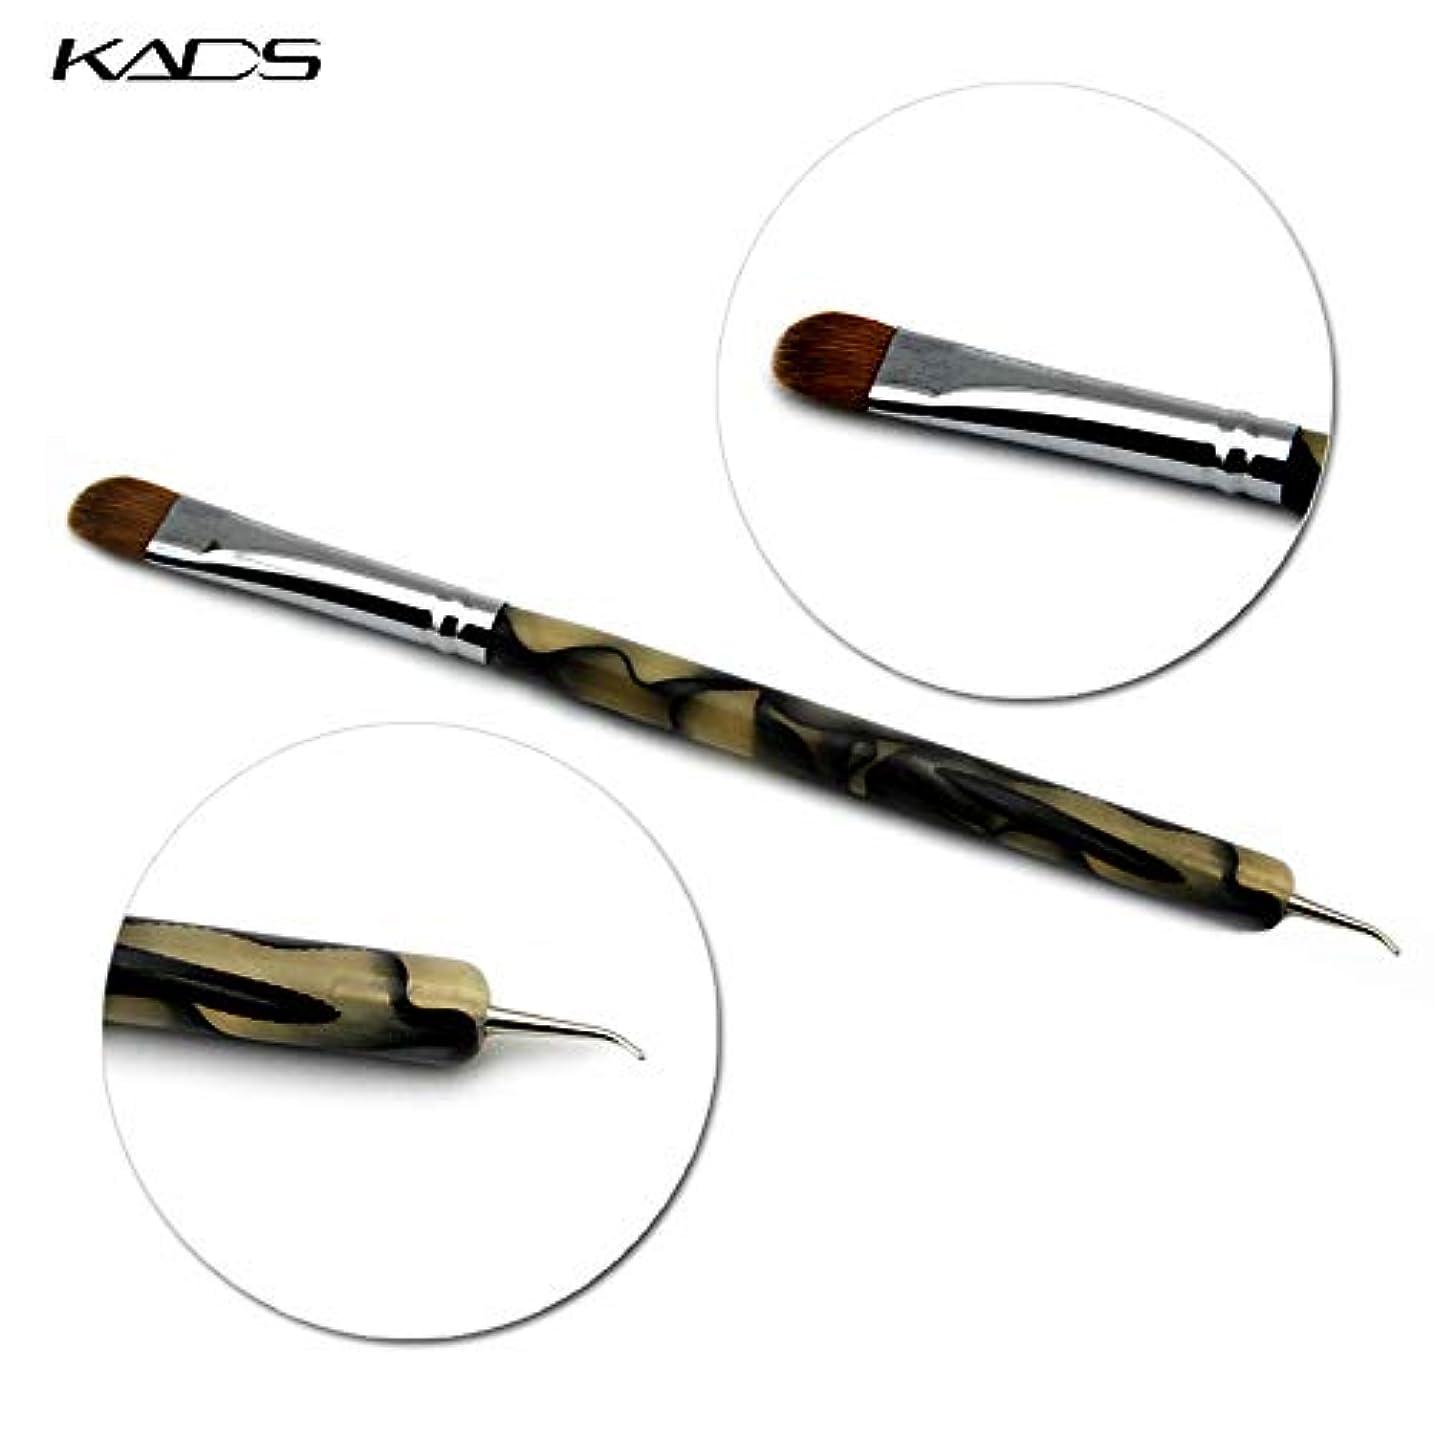 面倒あなたが良くなりますスーツKADS コリンスキー製 ジェルネイルブラシ /ネイルドットペン 2way用 フレンチラインブラシ アクリルネイル用ブラシ ネイルアート専用ツール(1個/セット)